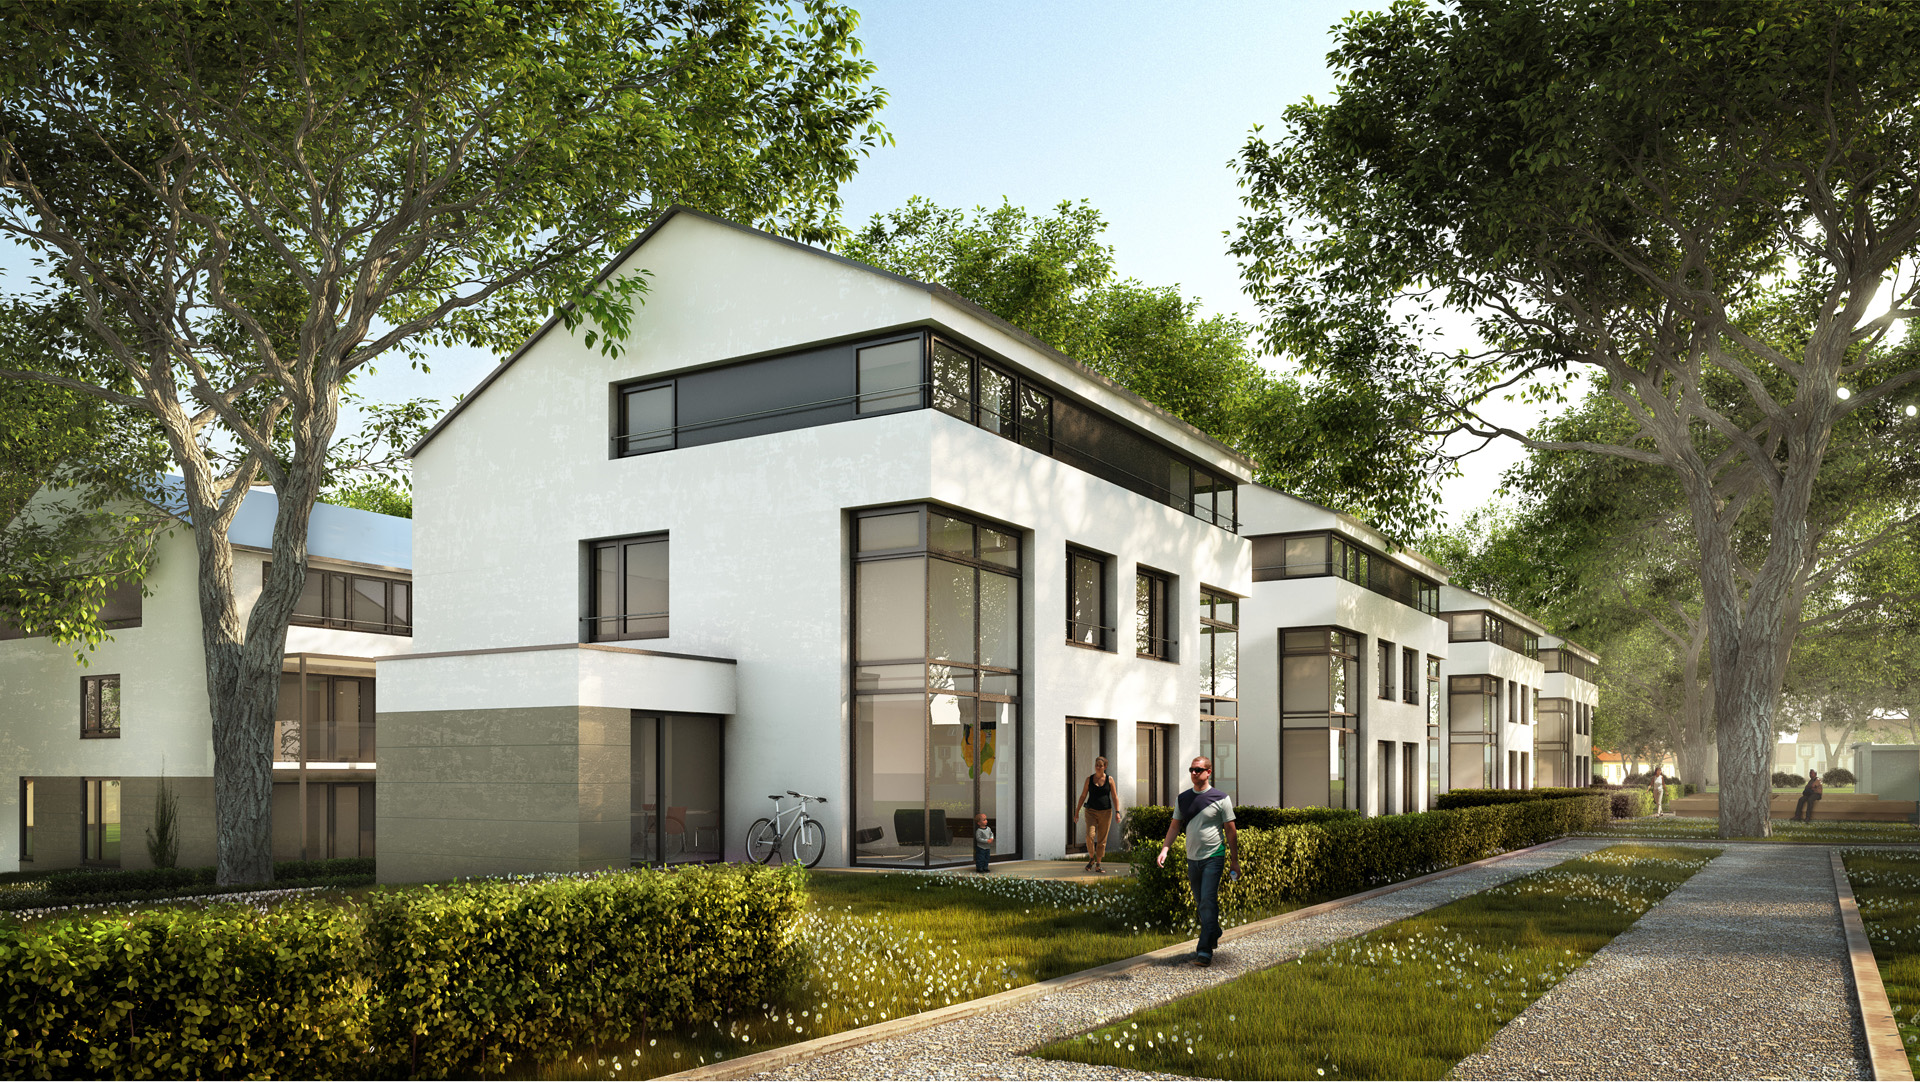 Visualisierung Architektur illustrationen architektur + landschaft - rohrer höhe - xoio